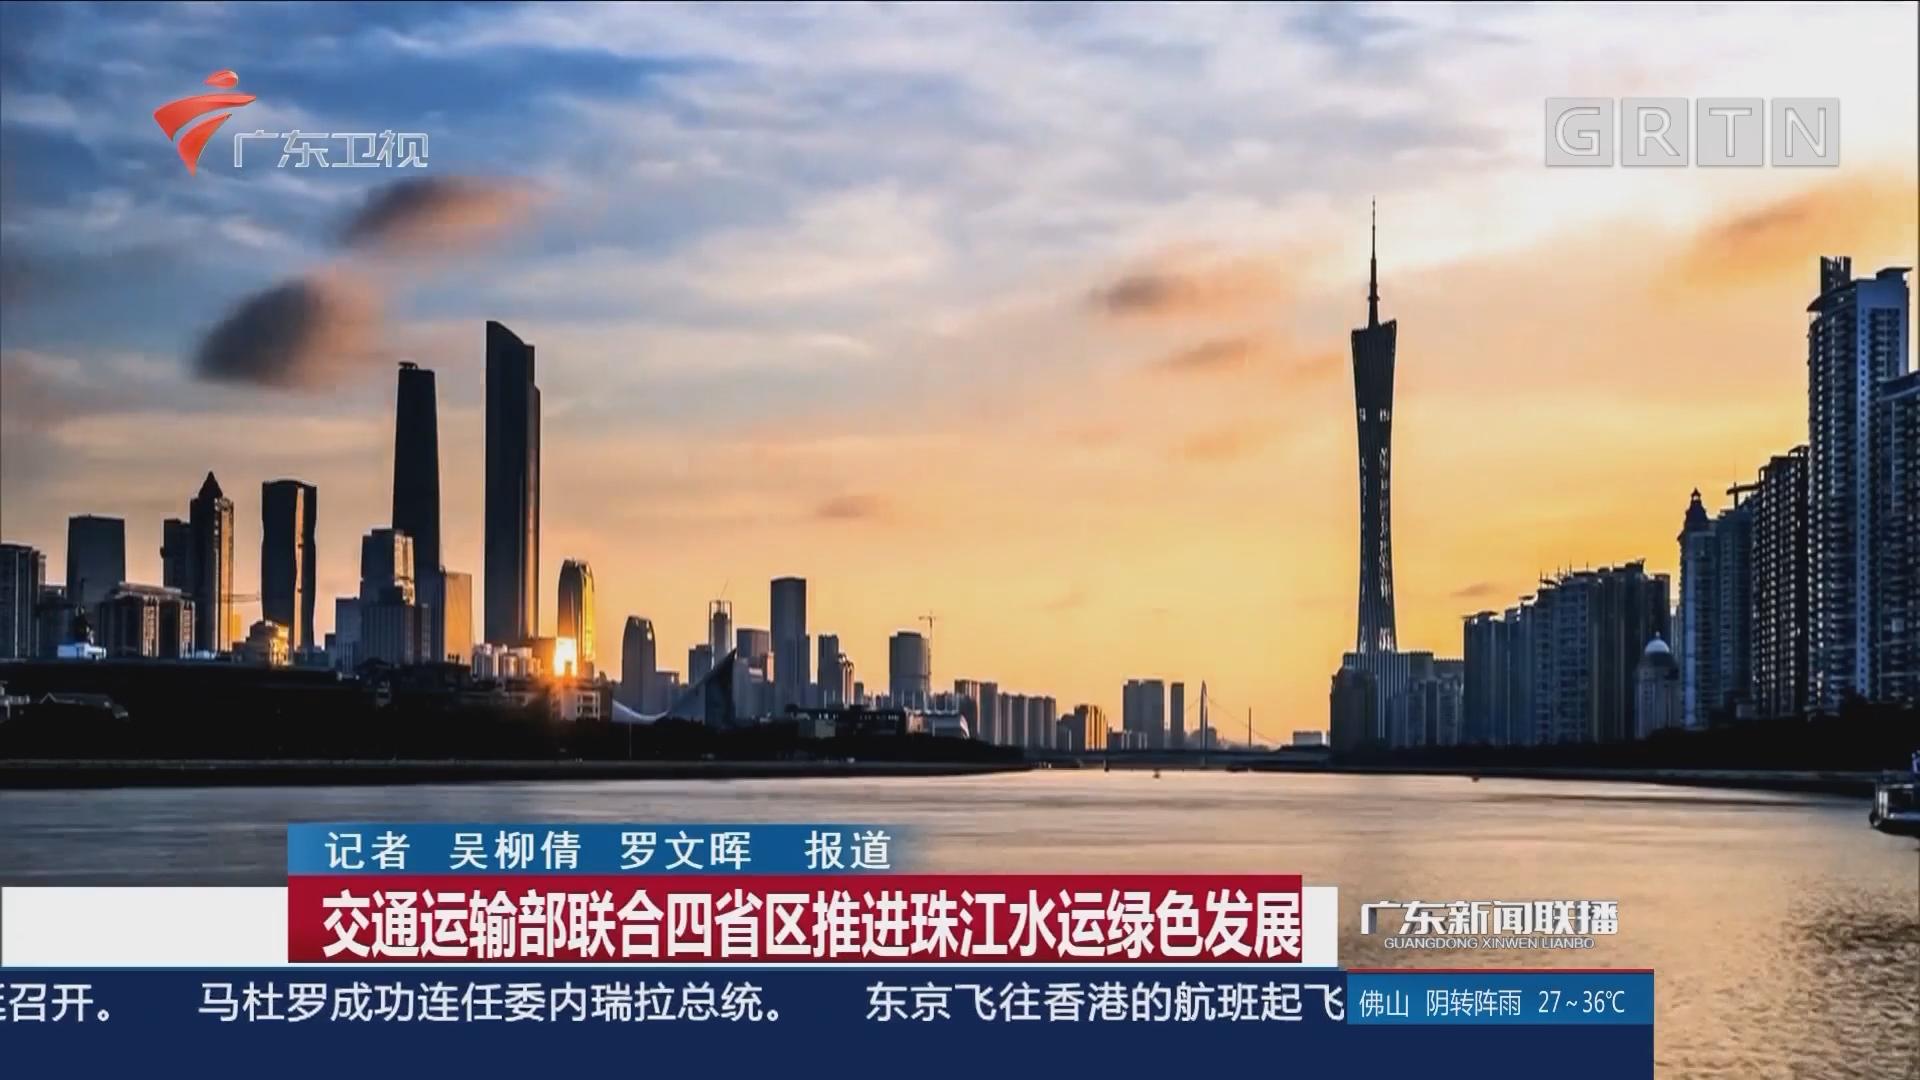 交通运输部联合四省区推进珠江水运绿色发展